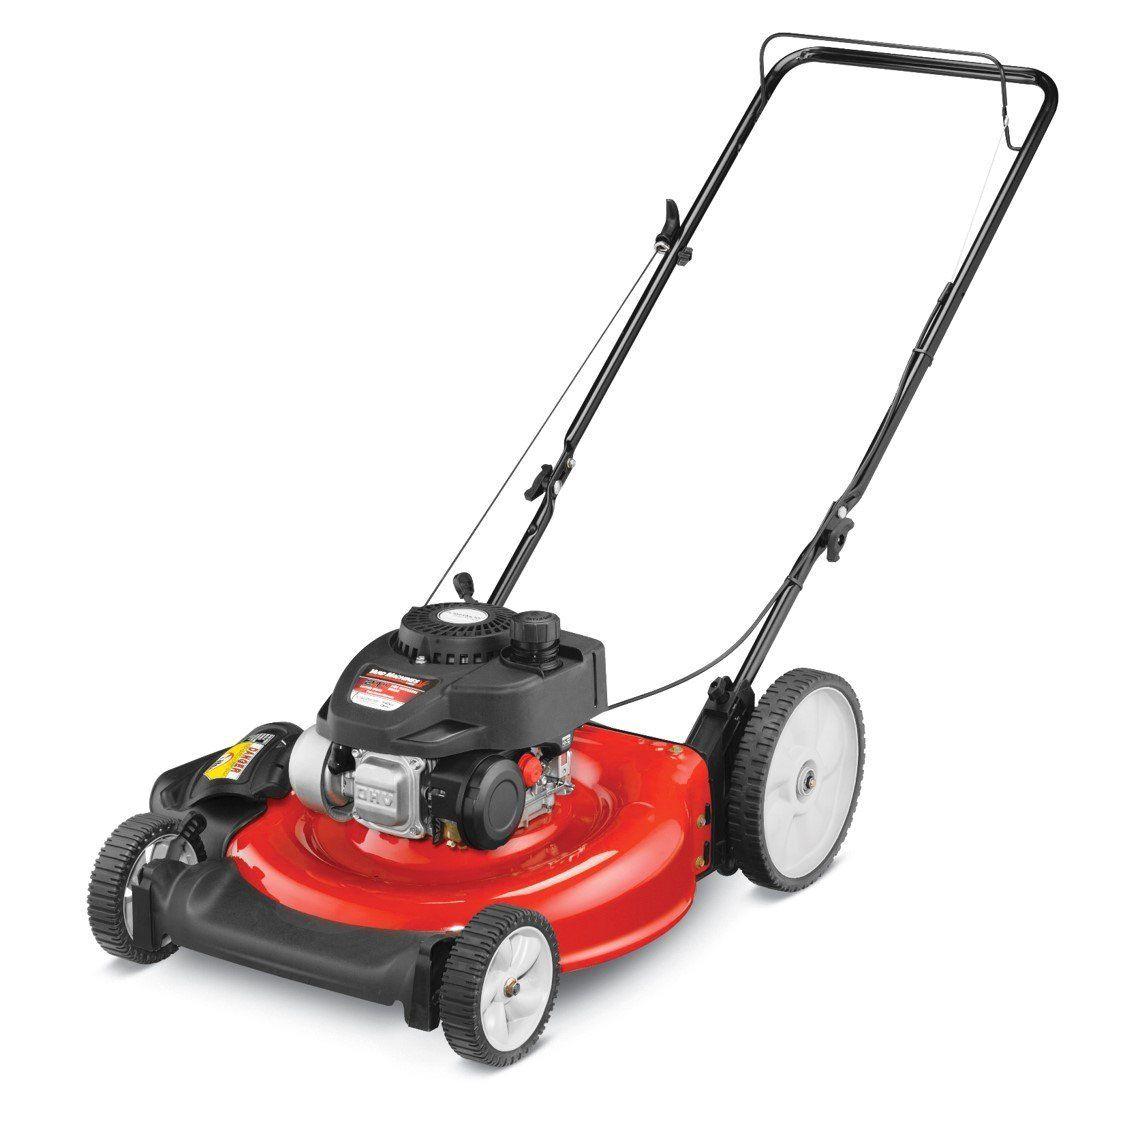 yard push mower 5af8fb07119fa8003791afd1 jpg